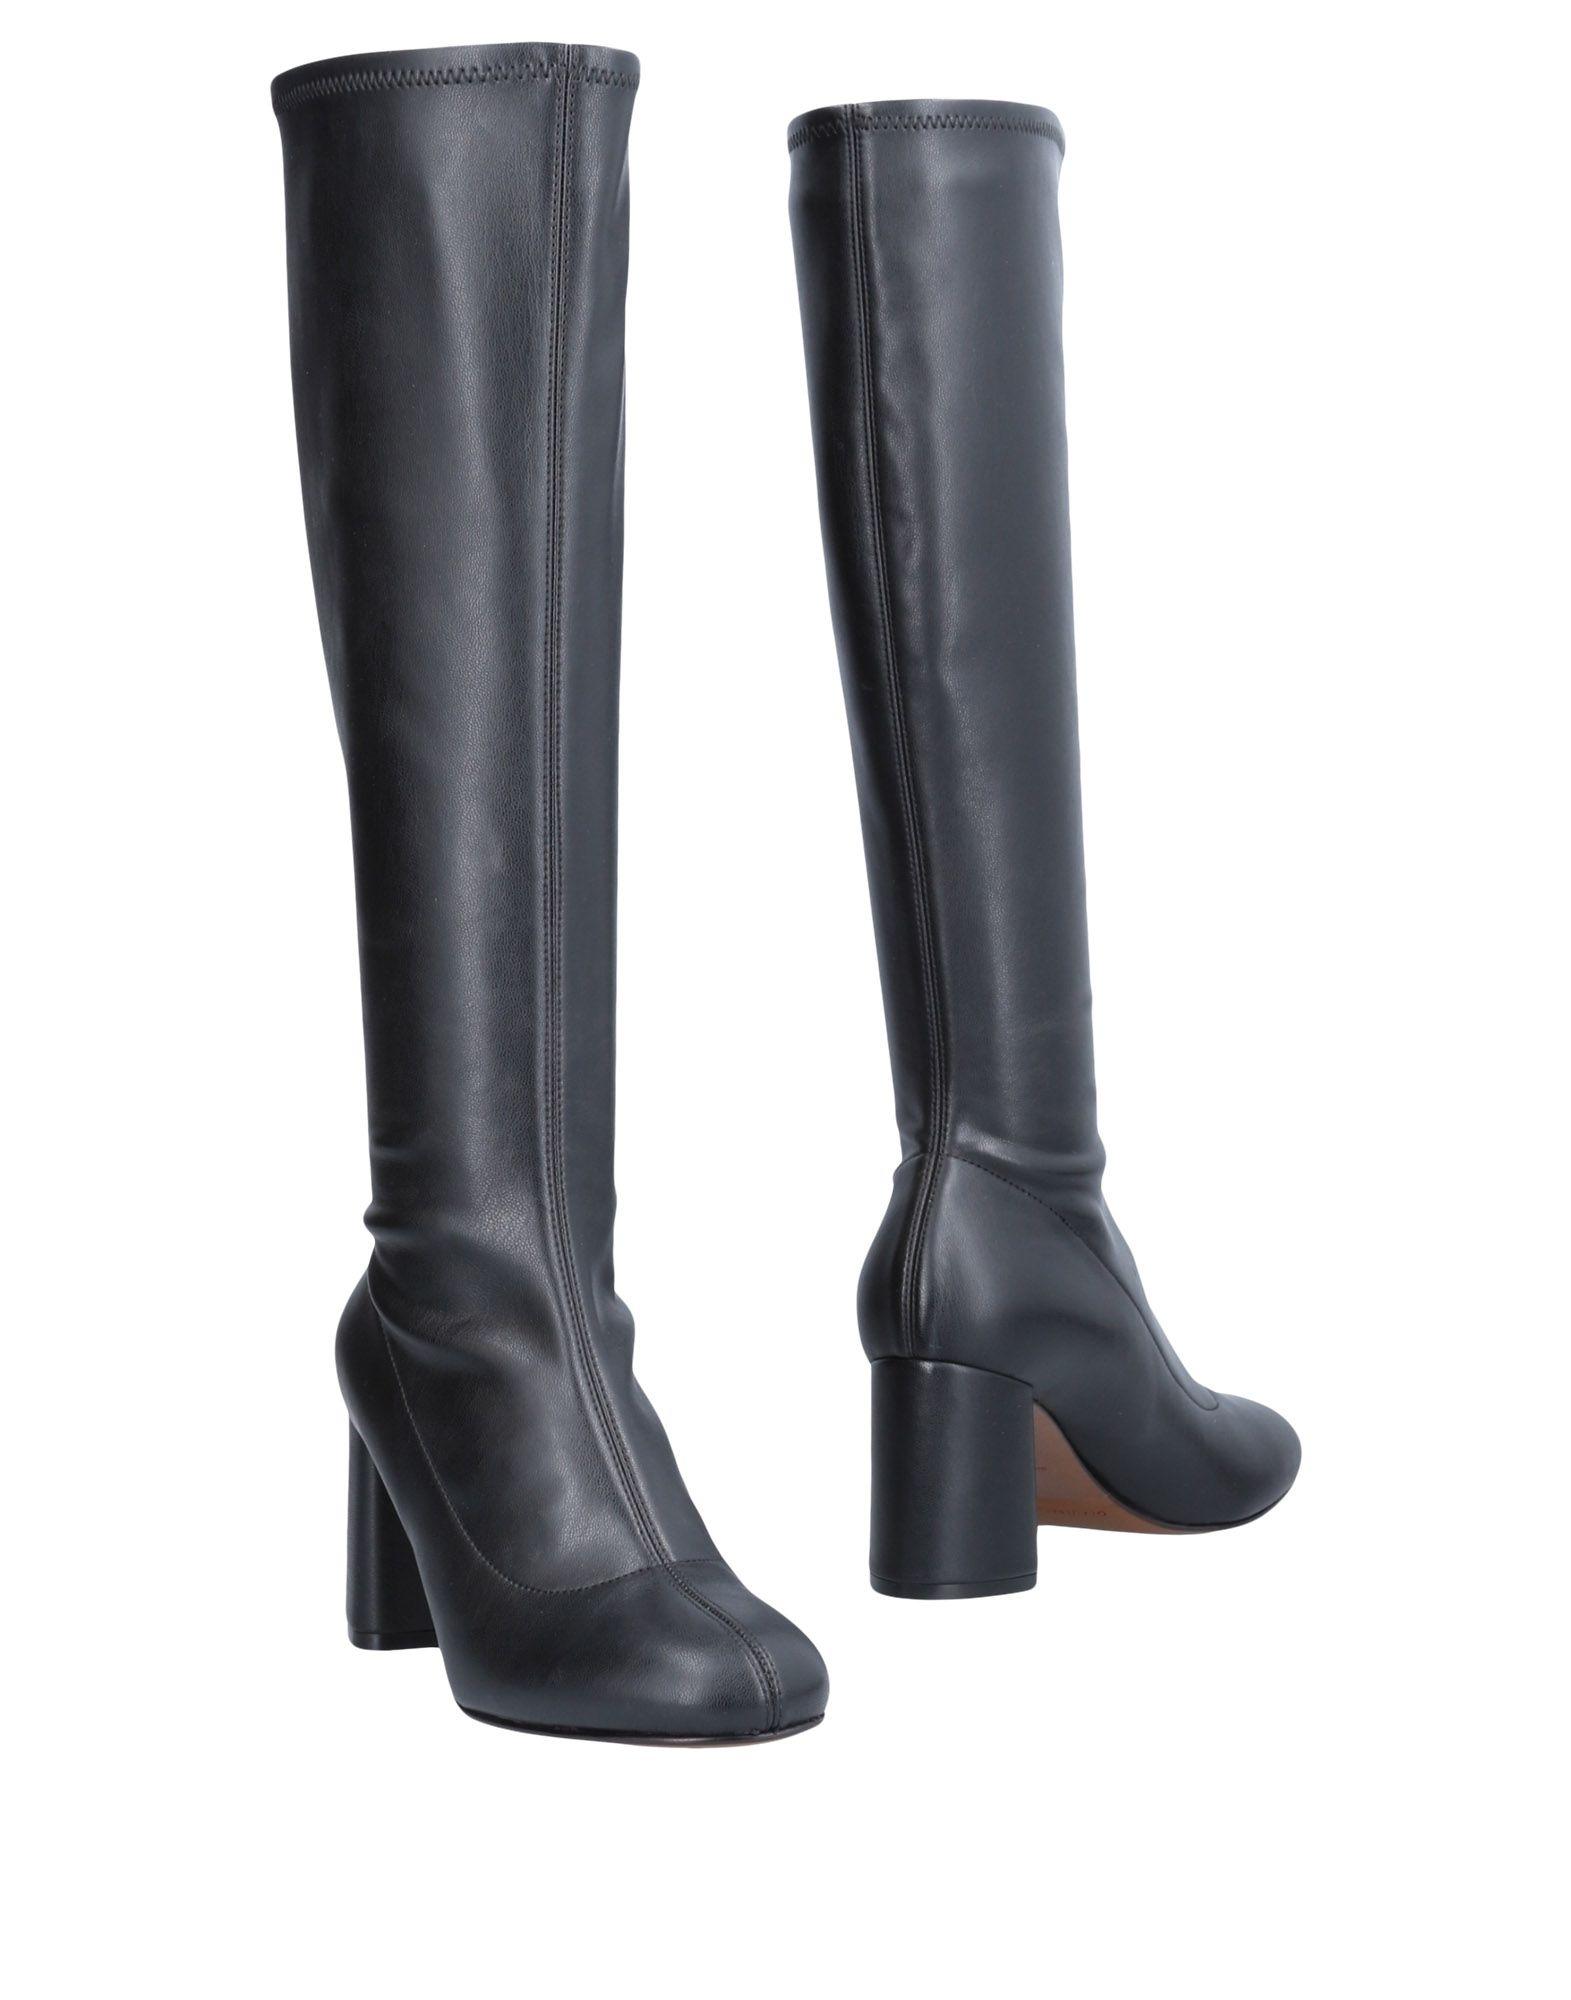 L' Autre Chose Stiefel Damen strapazierfähige  11487800DFGut aussehende strapazierfähige Damen Schuhe c178d4